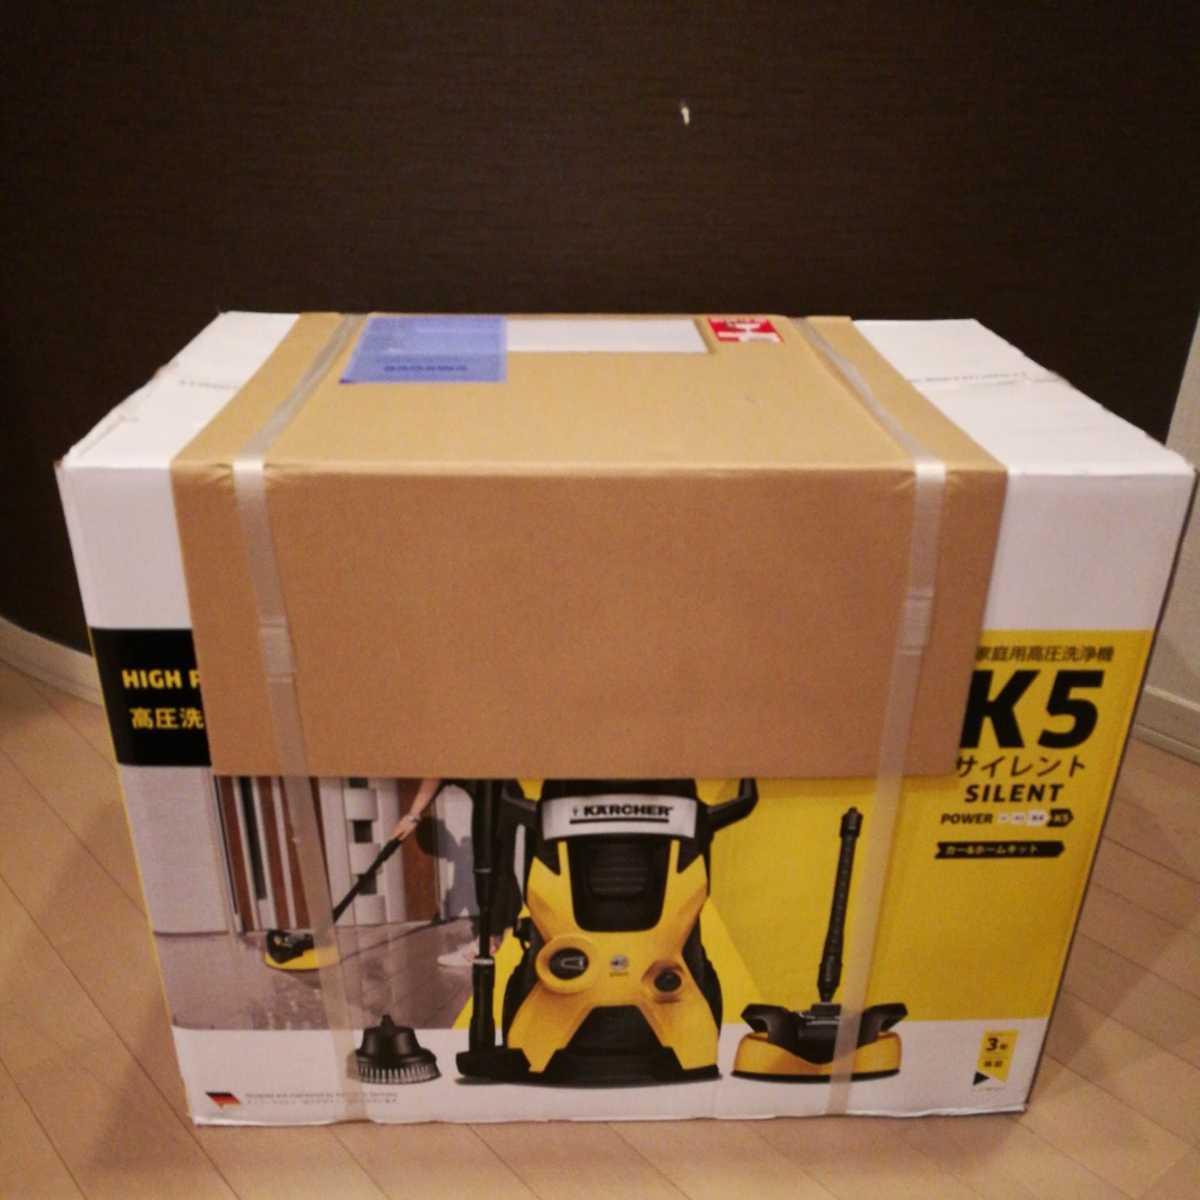 【新品未開封品】西日本用ケルヒャー高圧洗浄機 K5サイレントカー&ホームキット 60Hz メーカー保証有り 2020年2月購入_画像2